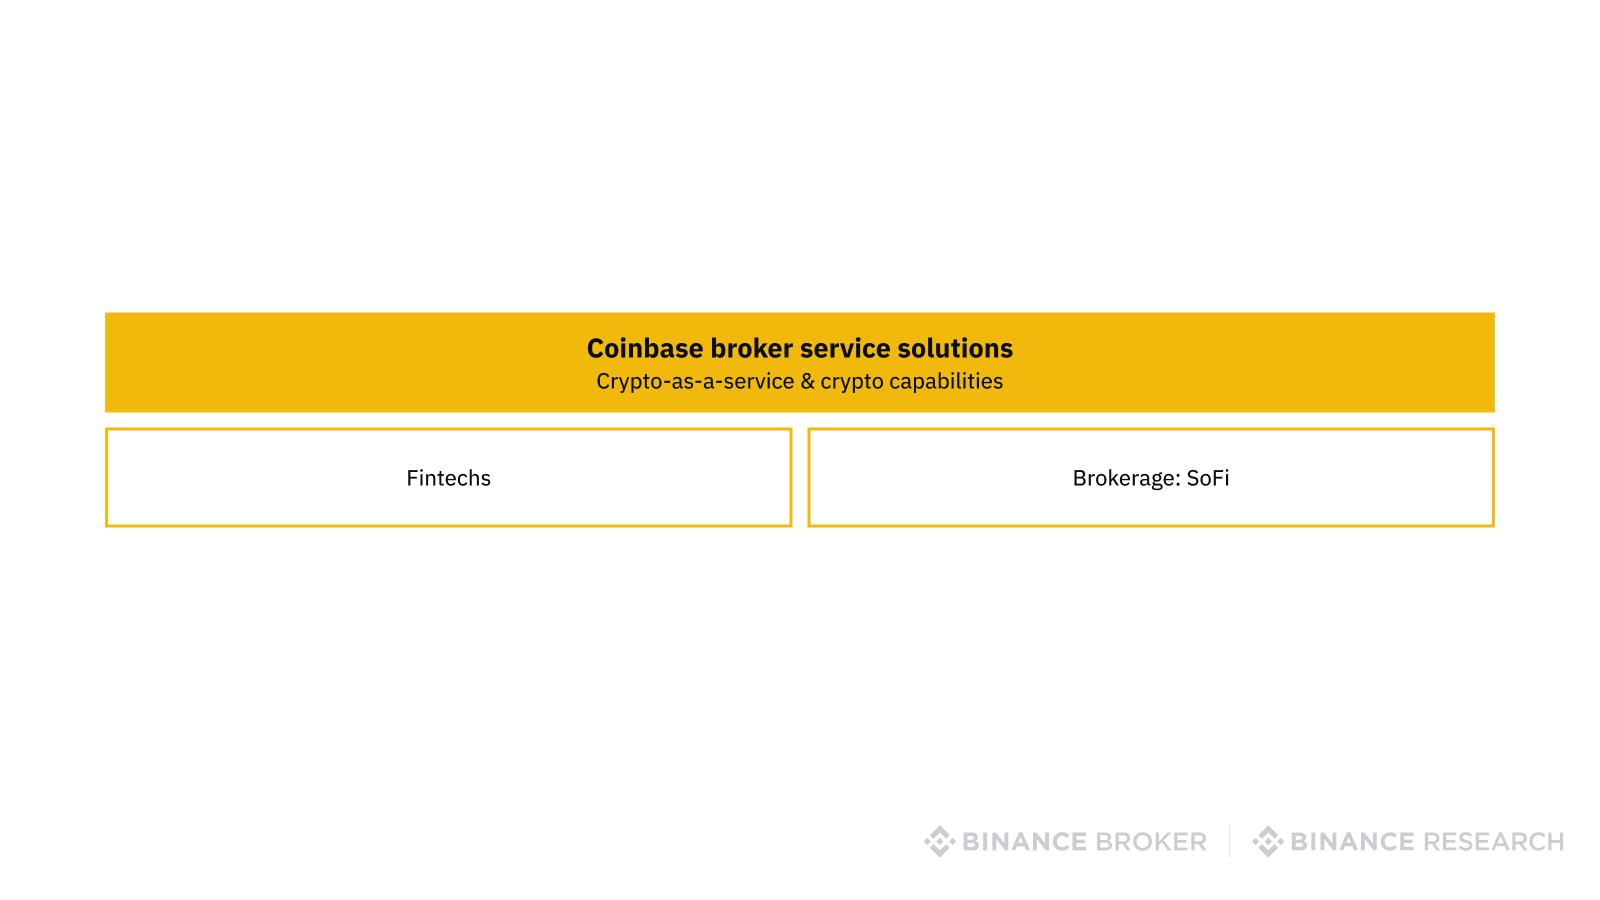 Coinbase as a broker service provider